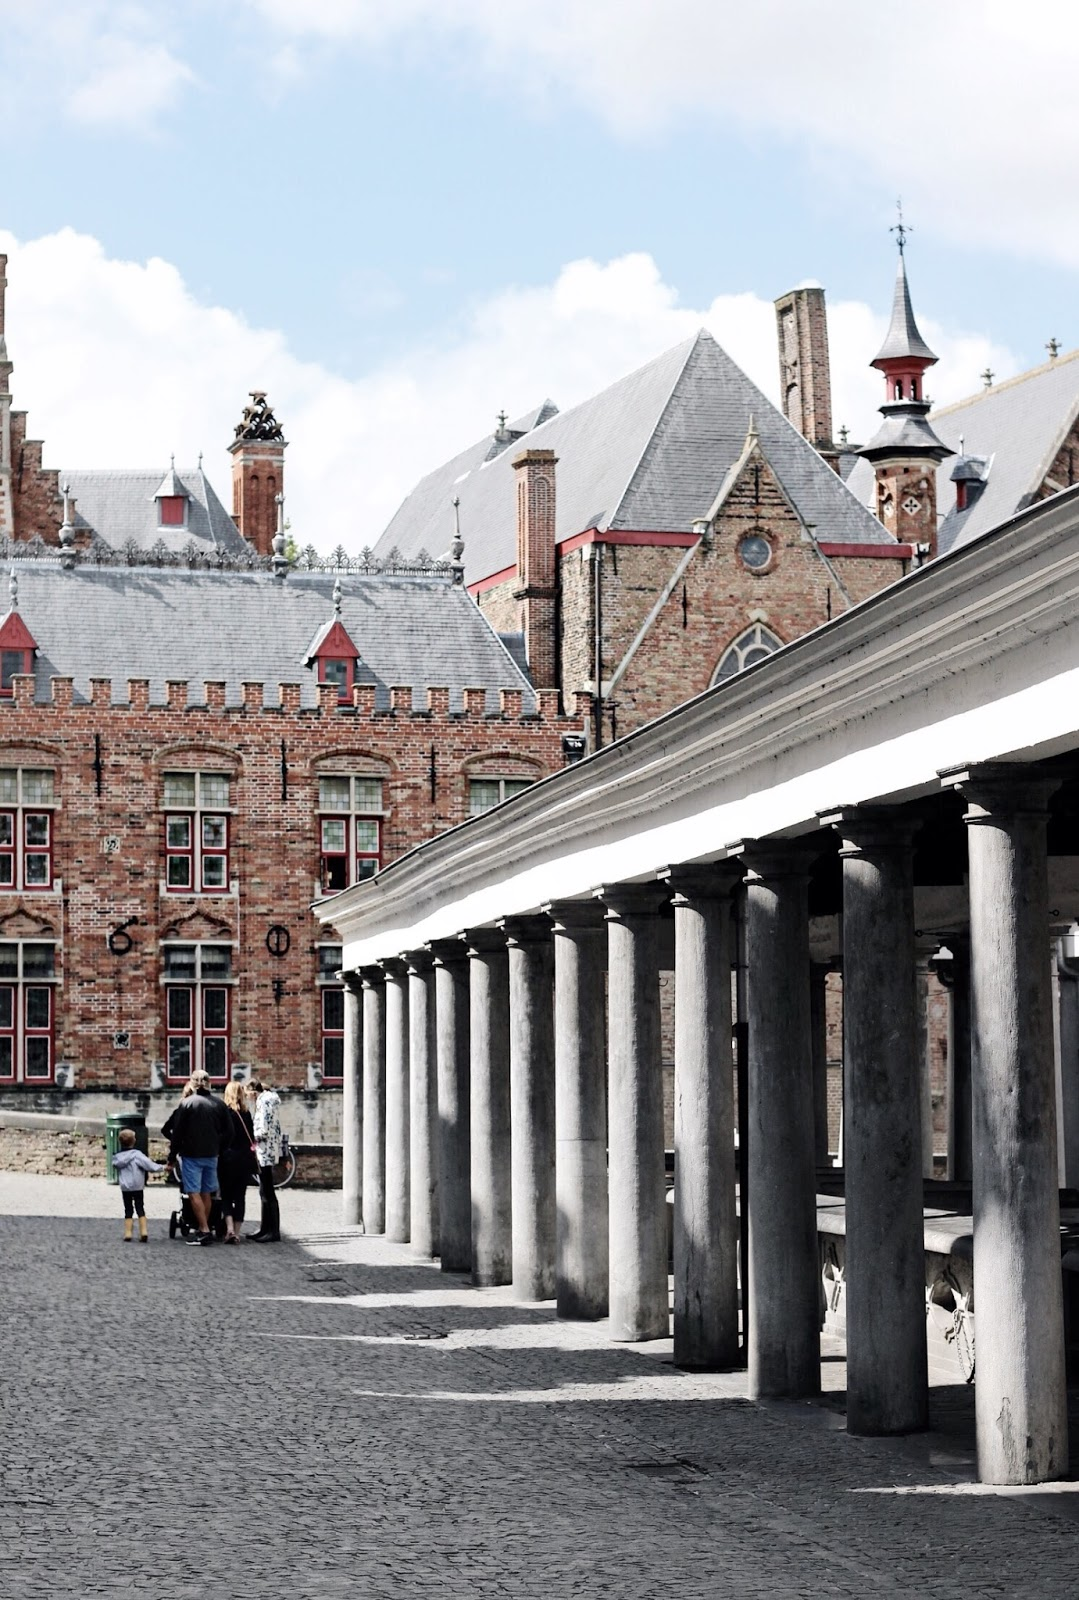 Famous Fish Market in Bruges Belgium